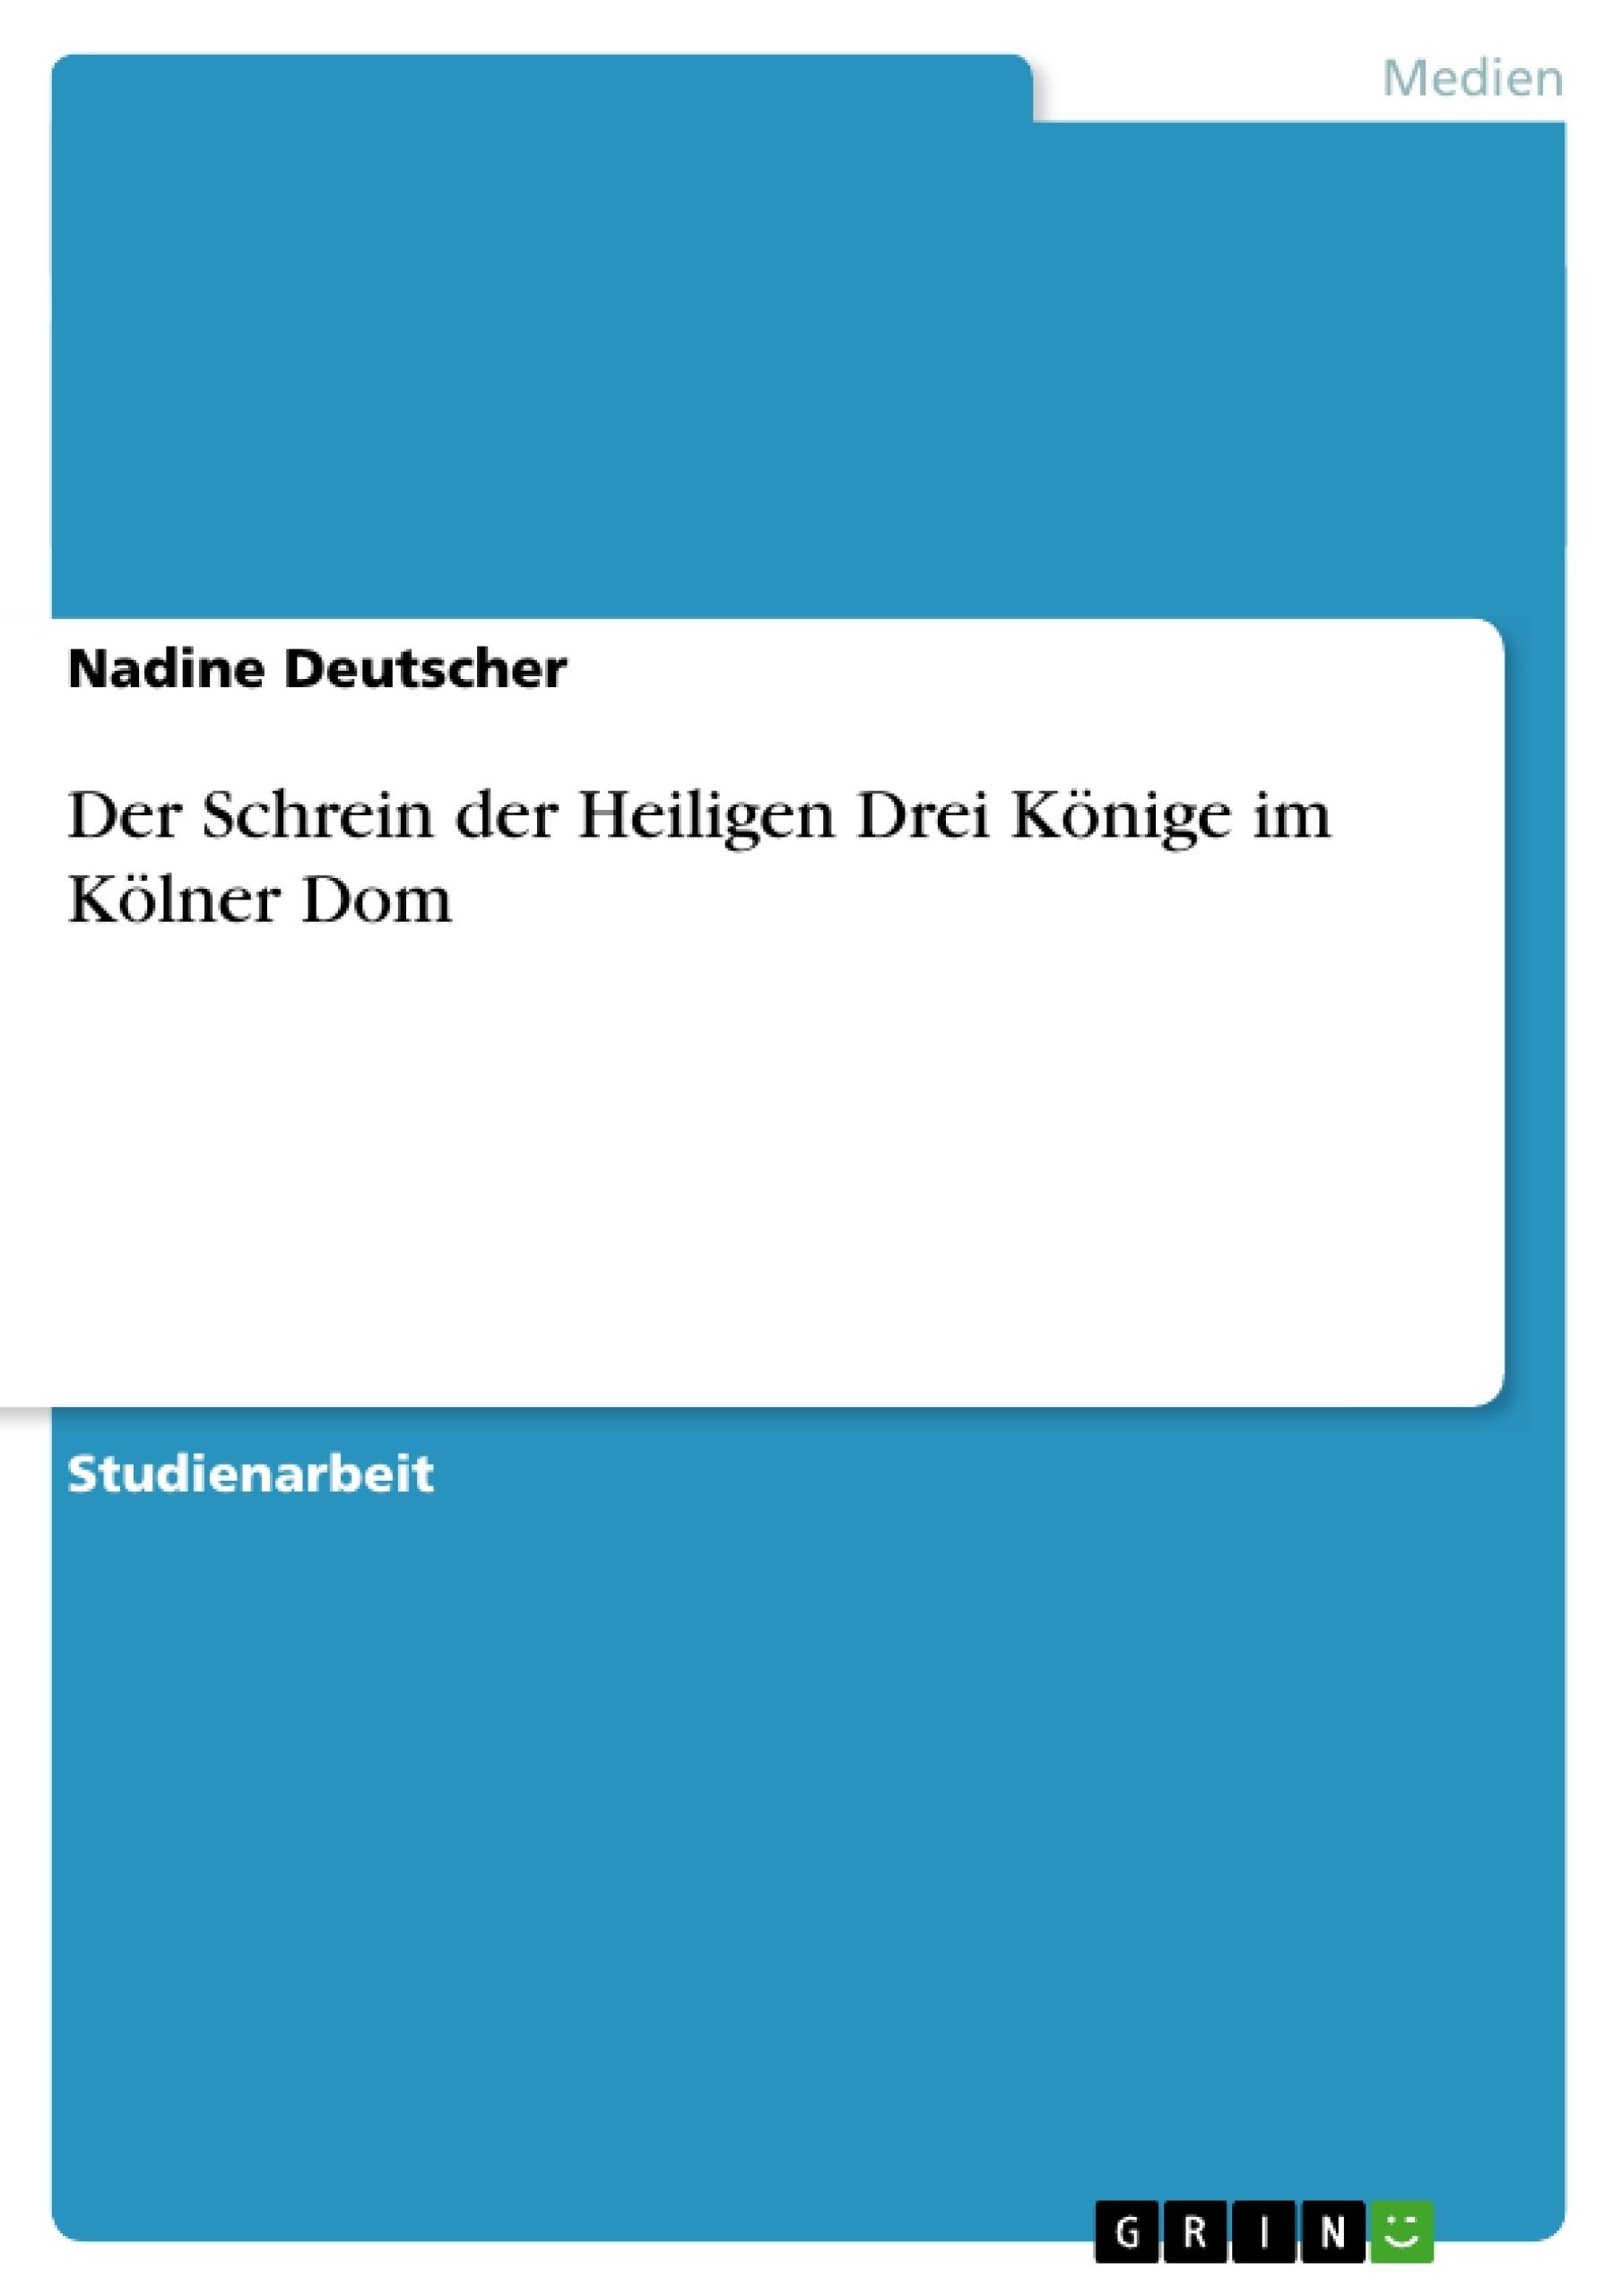 Titel: Der Schrein der Heiligen Drei Könige im Kölner Dom